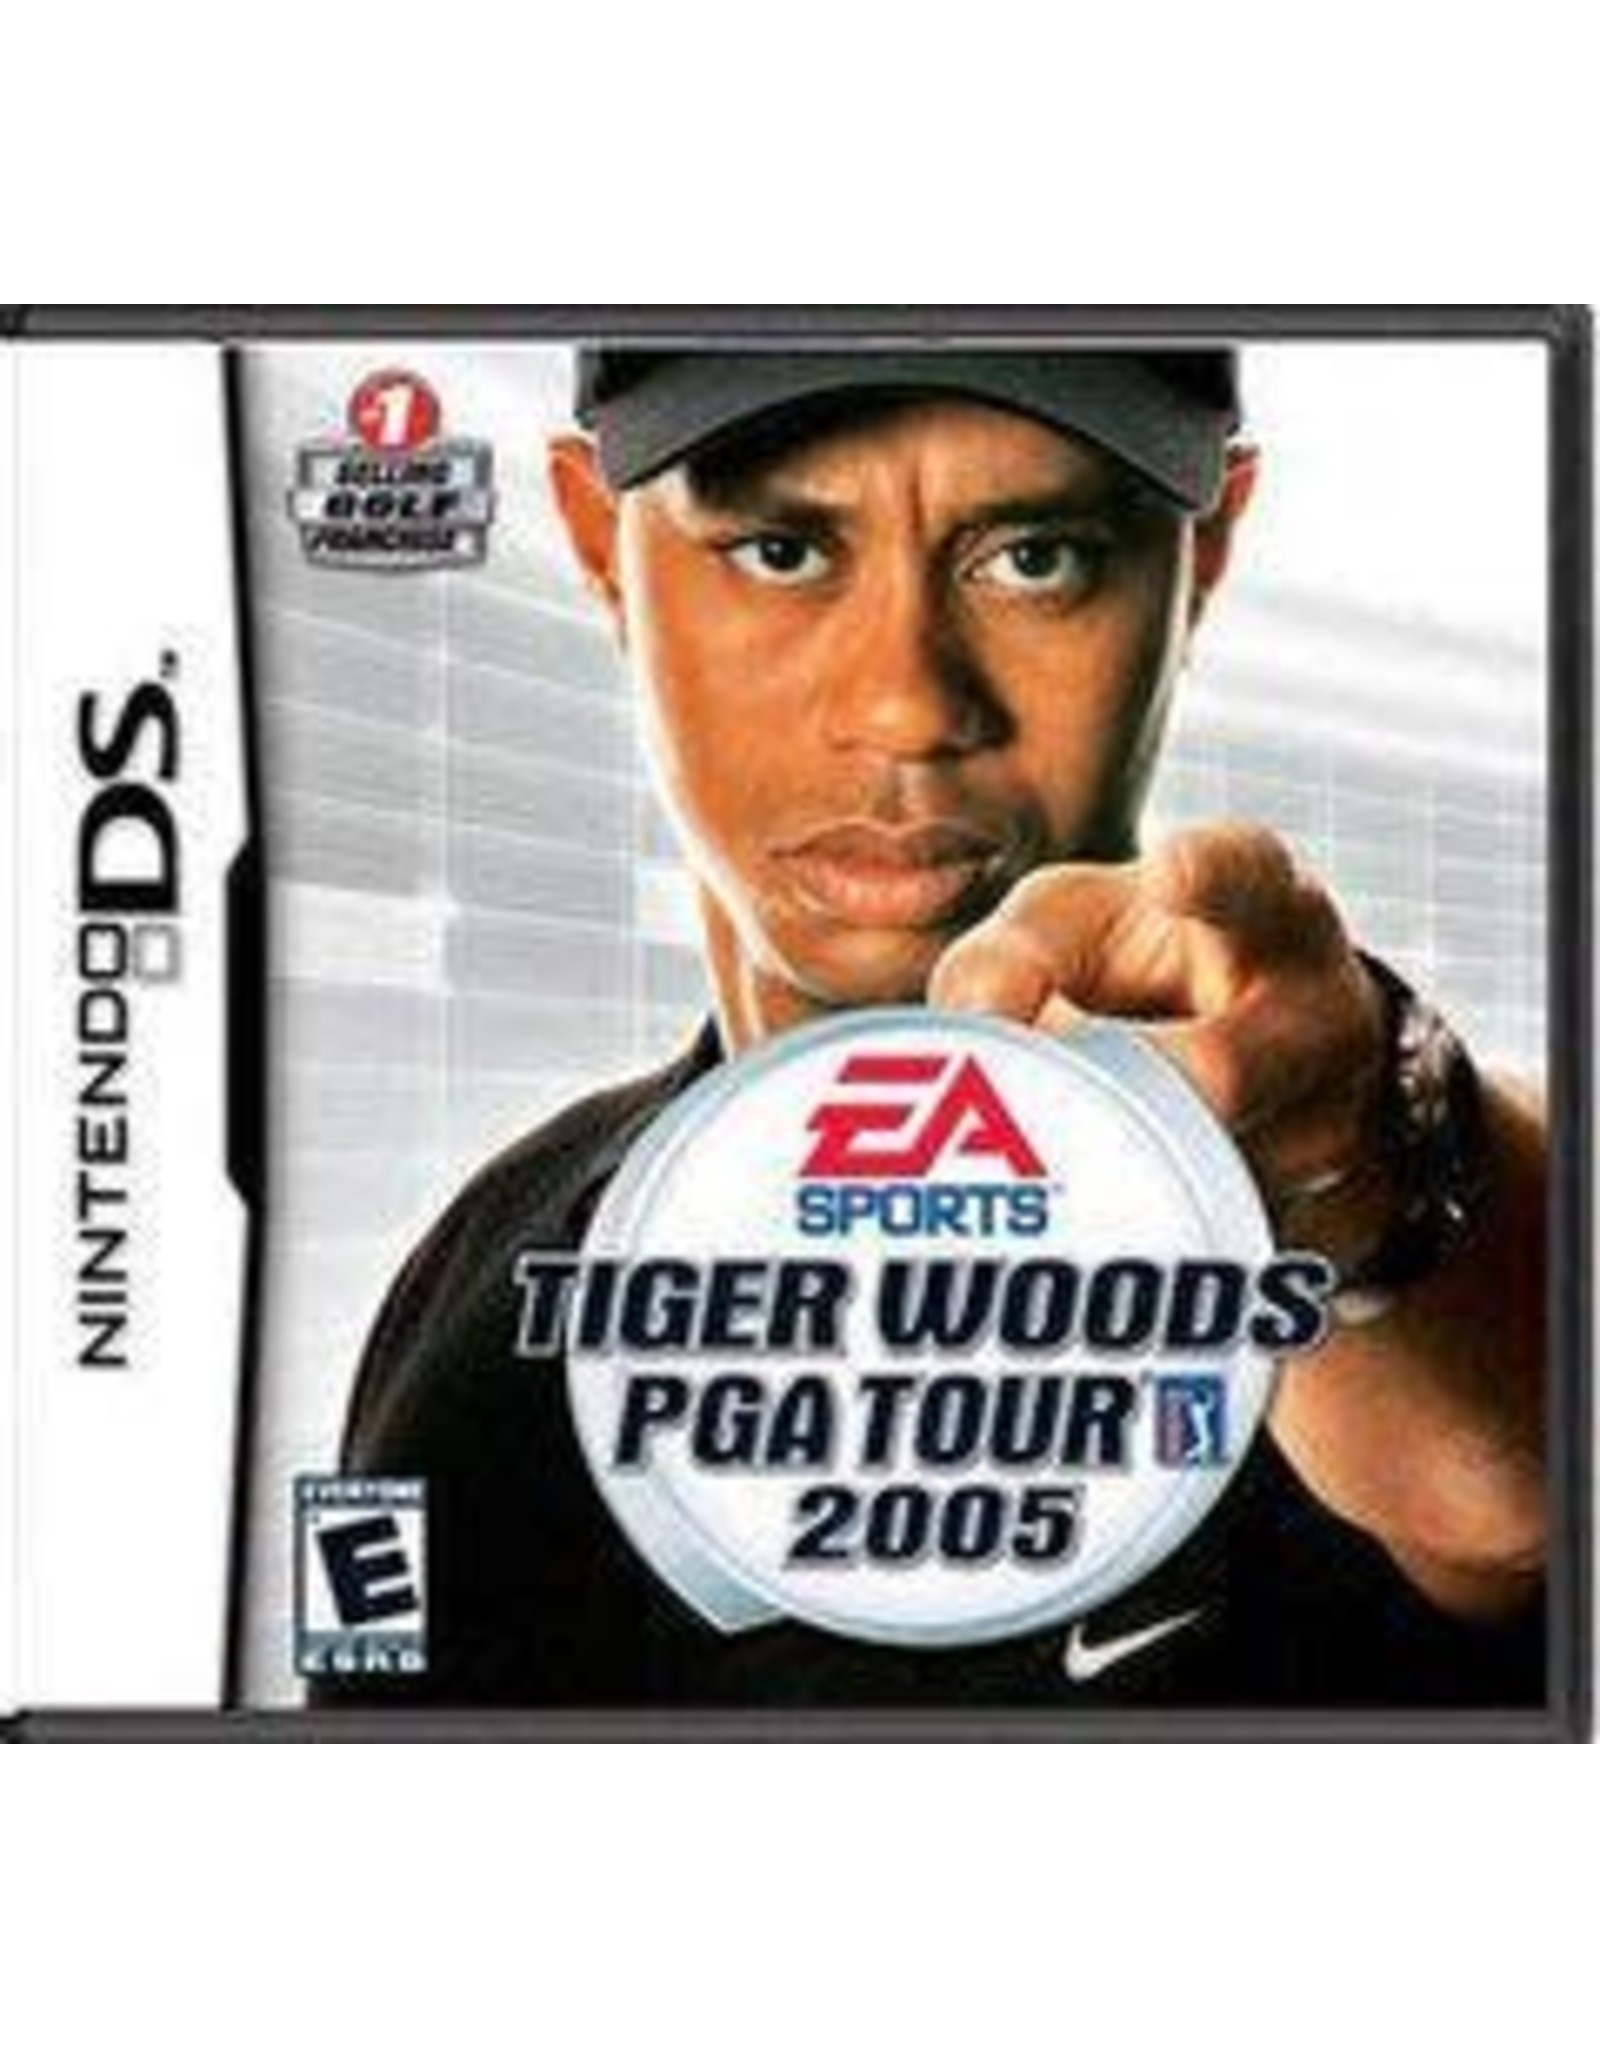 Tiger Woods PGA Tour 2005 05